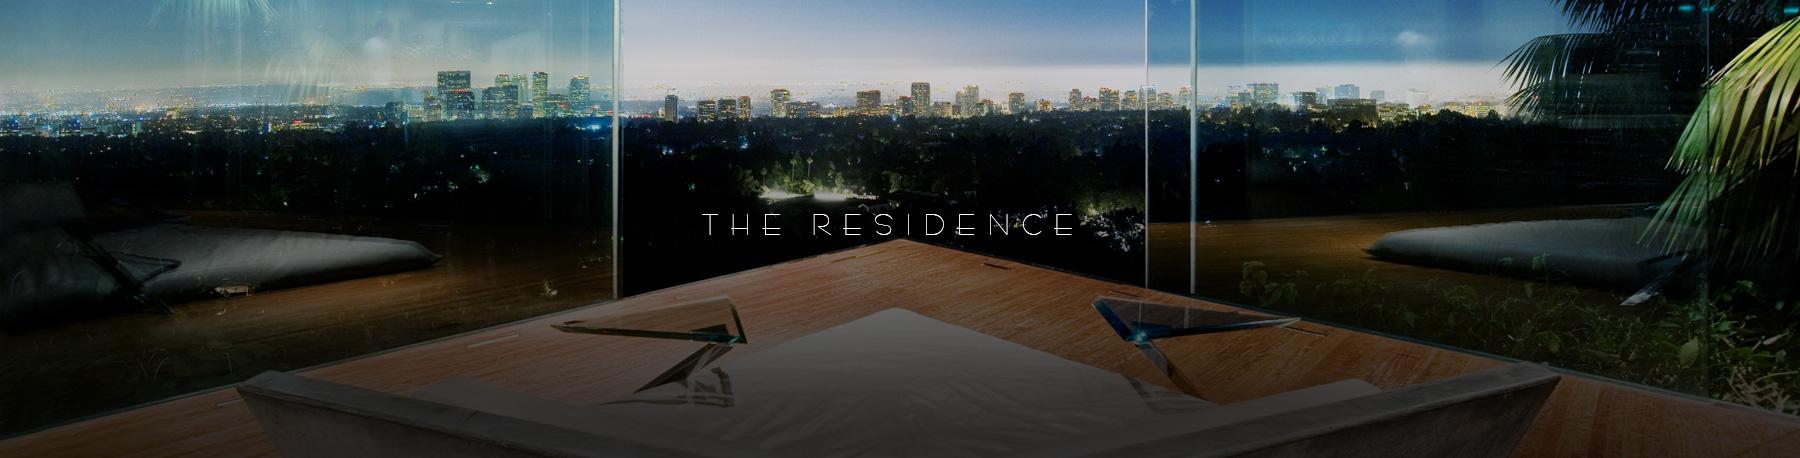 residence-banner